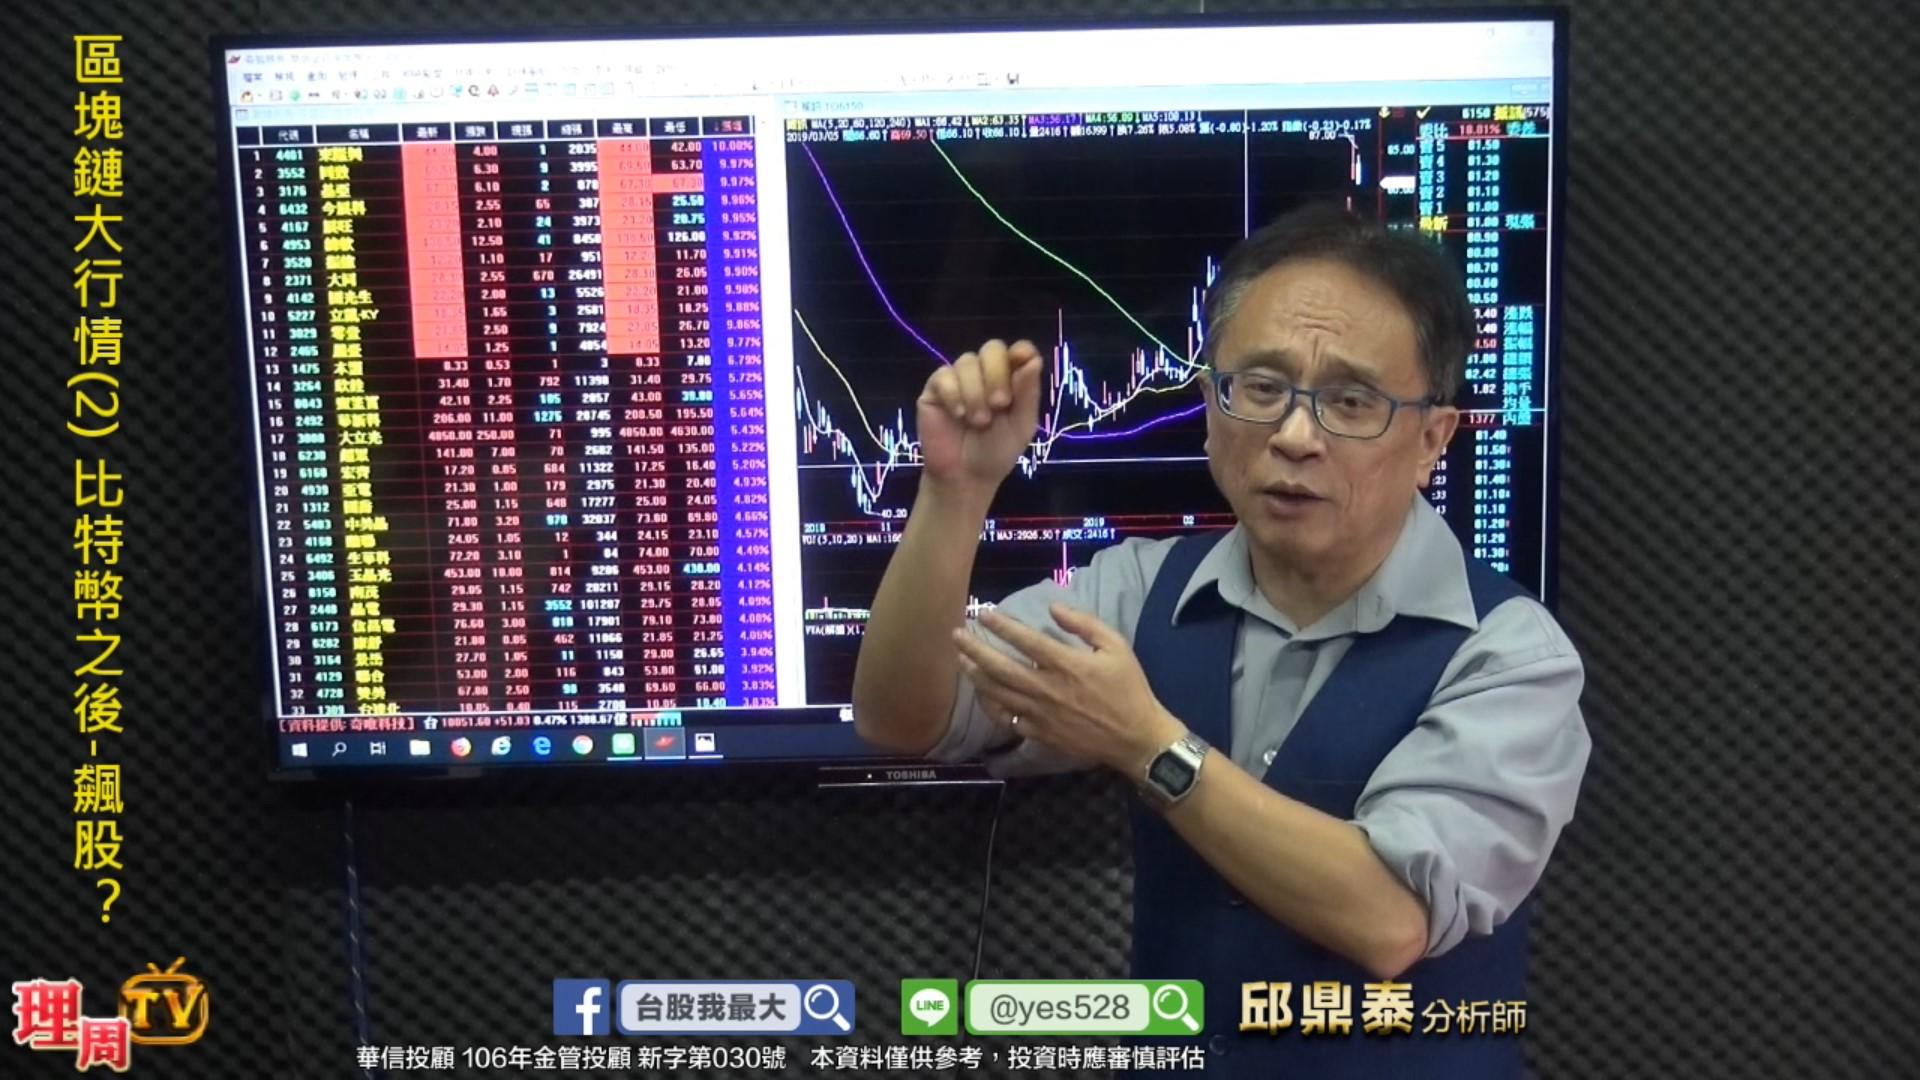 區塊鏈大行情(2) 比特幣之後-飆股?